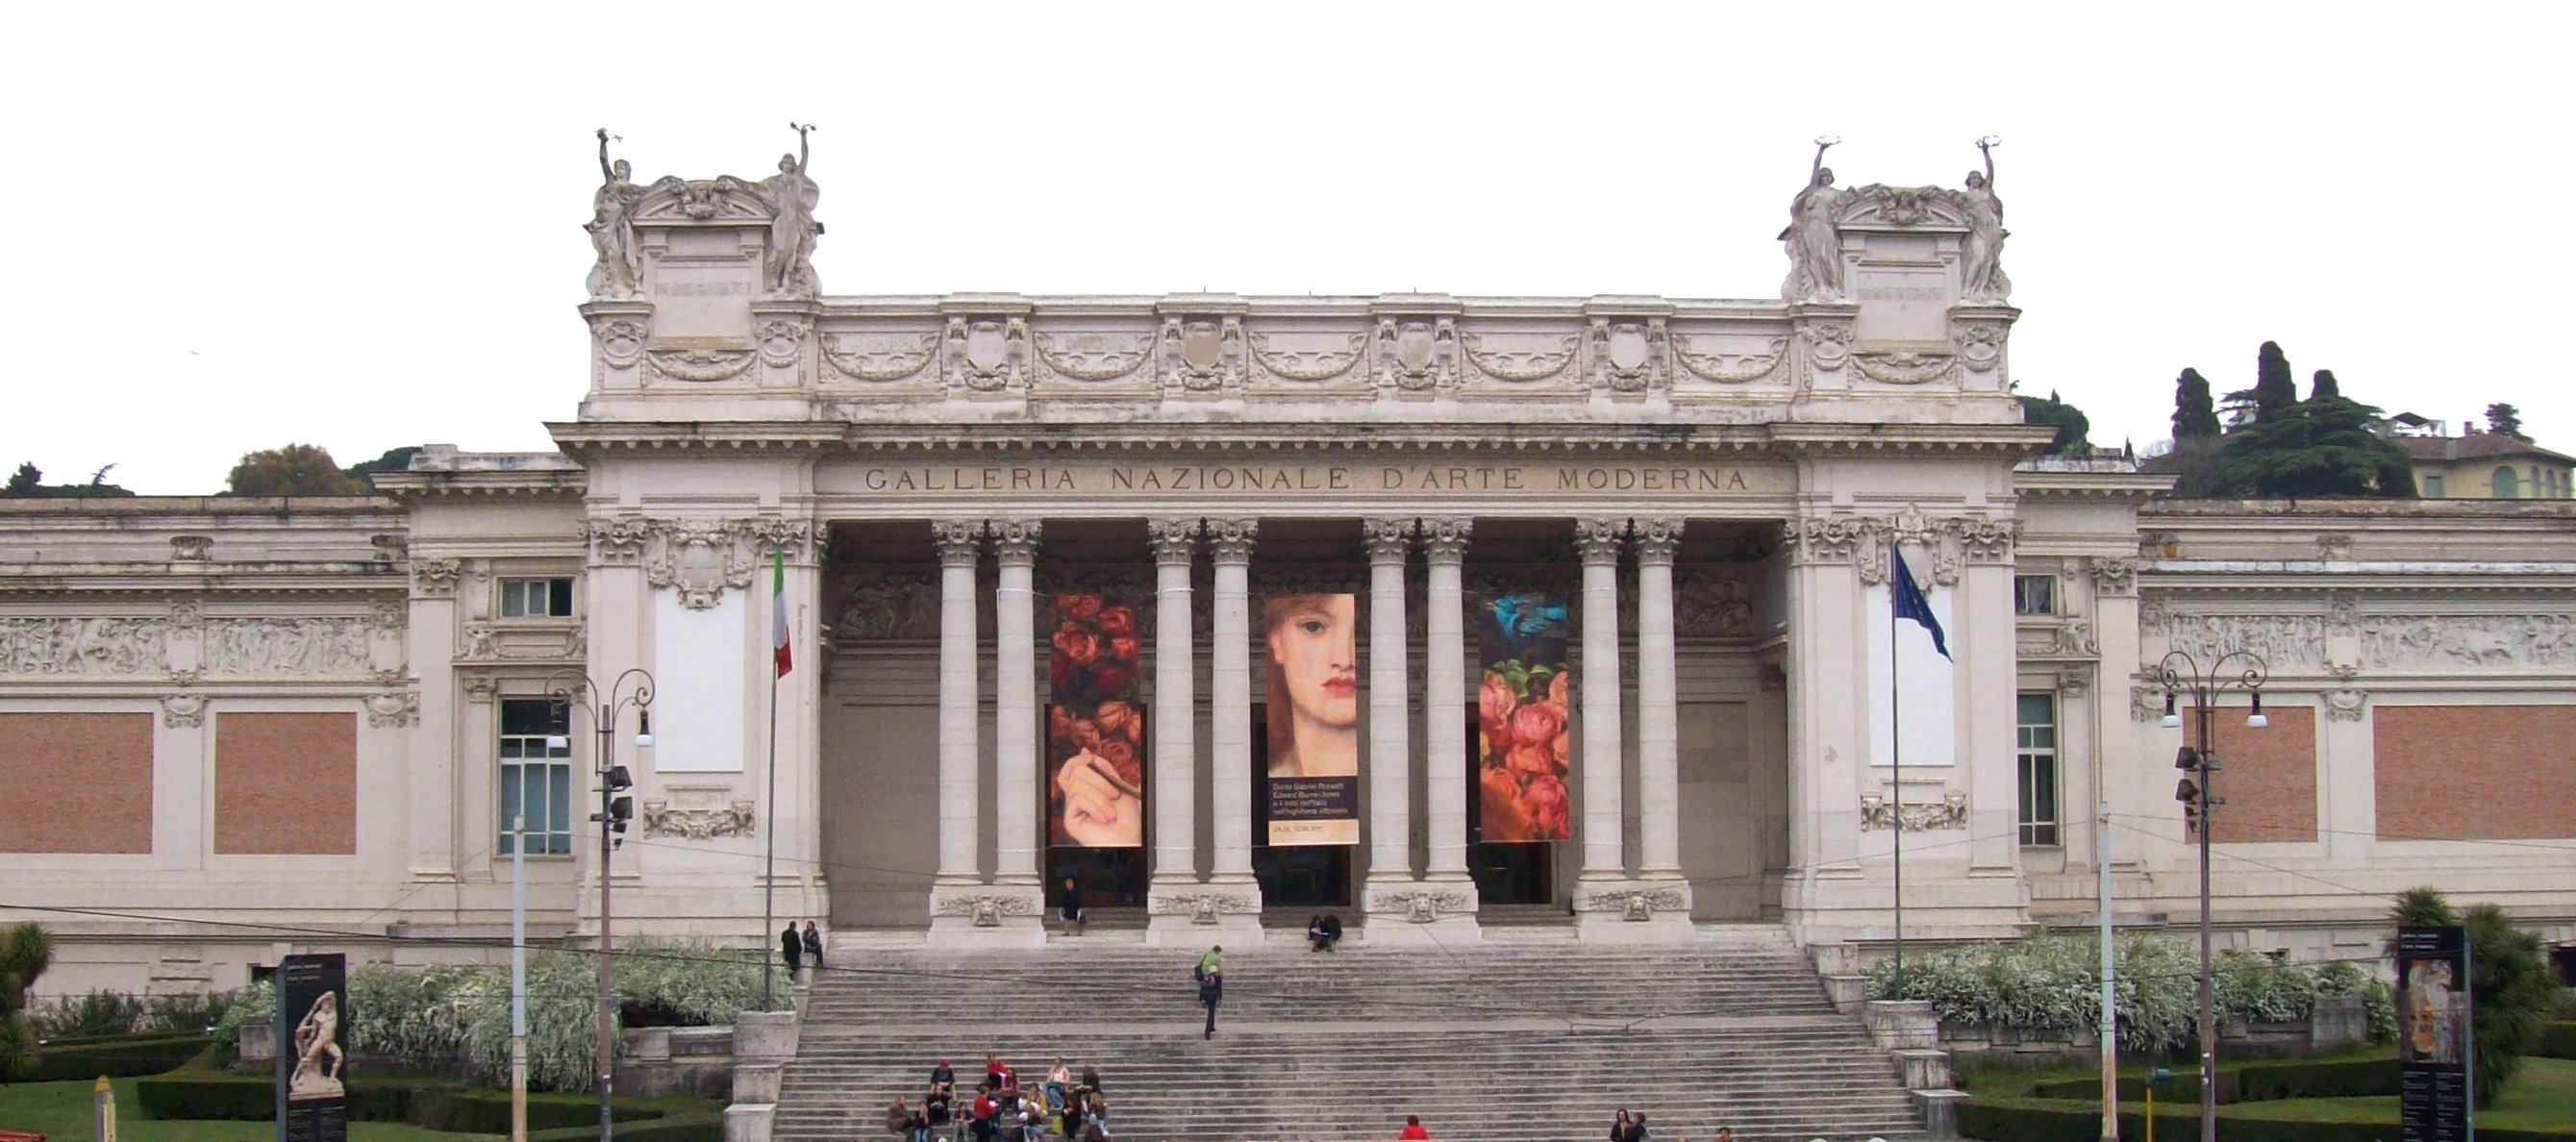 http://upload.wikimedia.org/wikipedia/commons/b/b3/Roma_Galleria_Nazionale_d%27Arte_Moderna_-_Il_mito_dell%27Italia.jpg